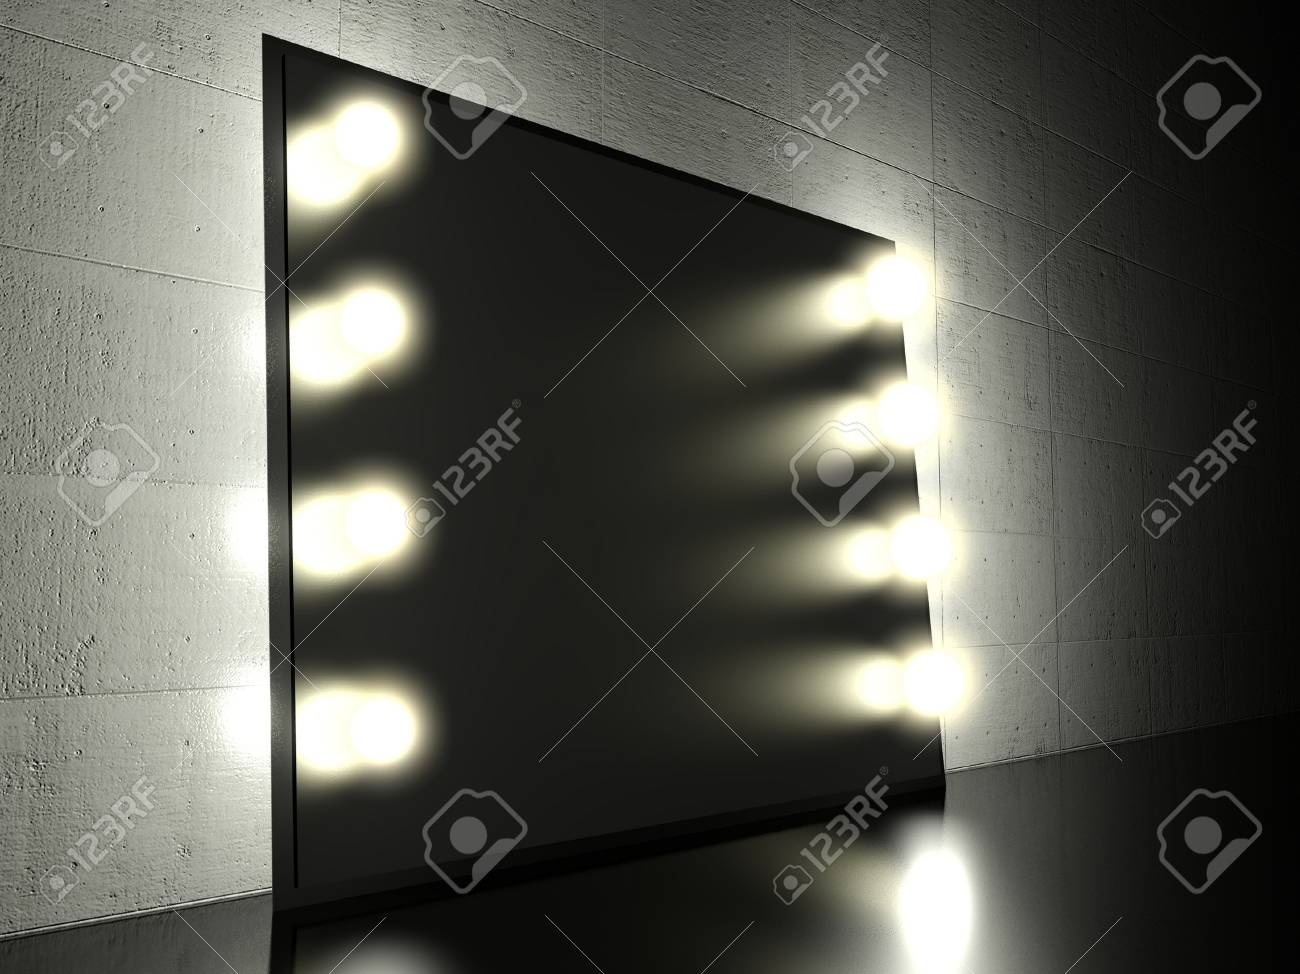 Make Up Spiegels : Make up spiegel mit leuchtenden glühbirnen hintergrund